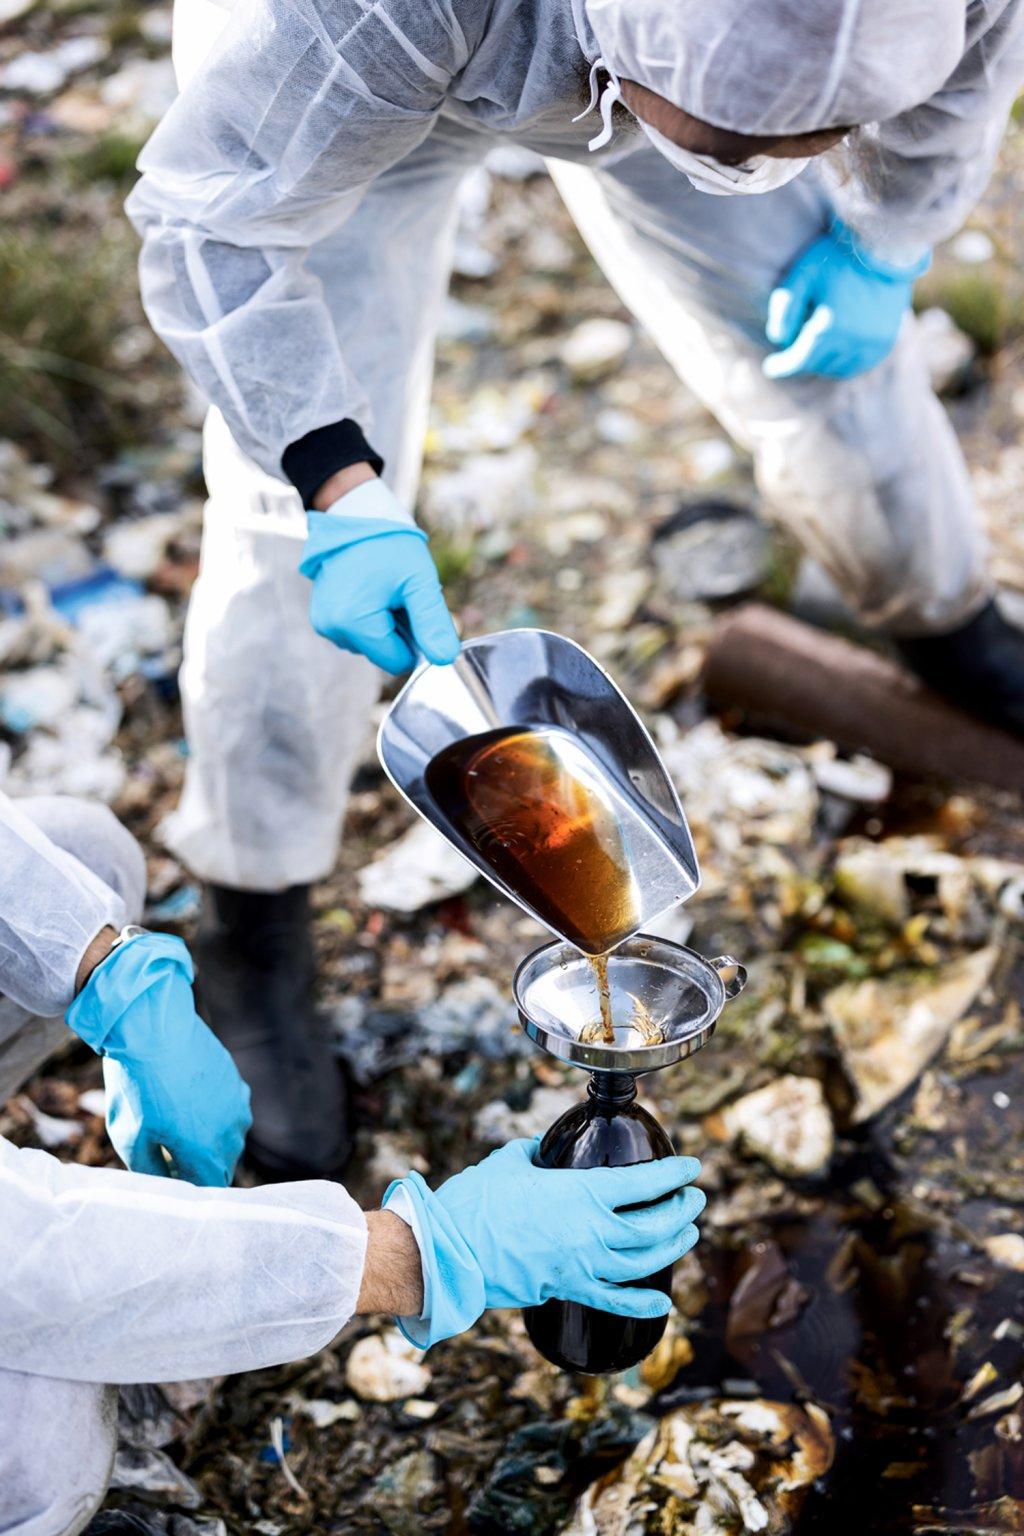 Reporter finden giftige Substanzen auf illegalen Halden